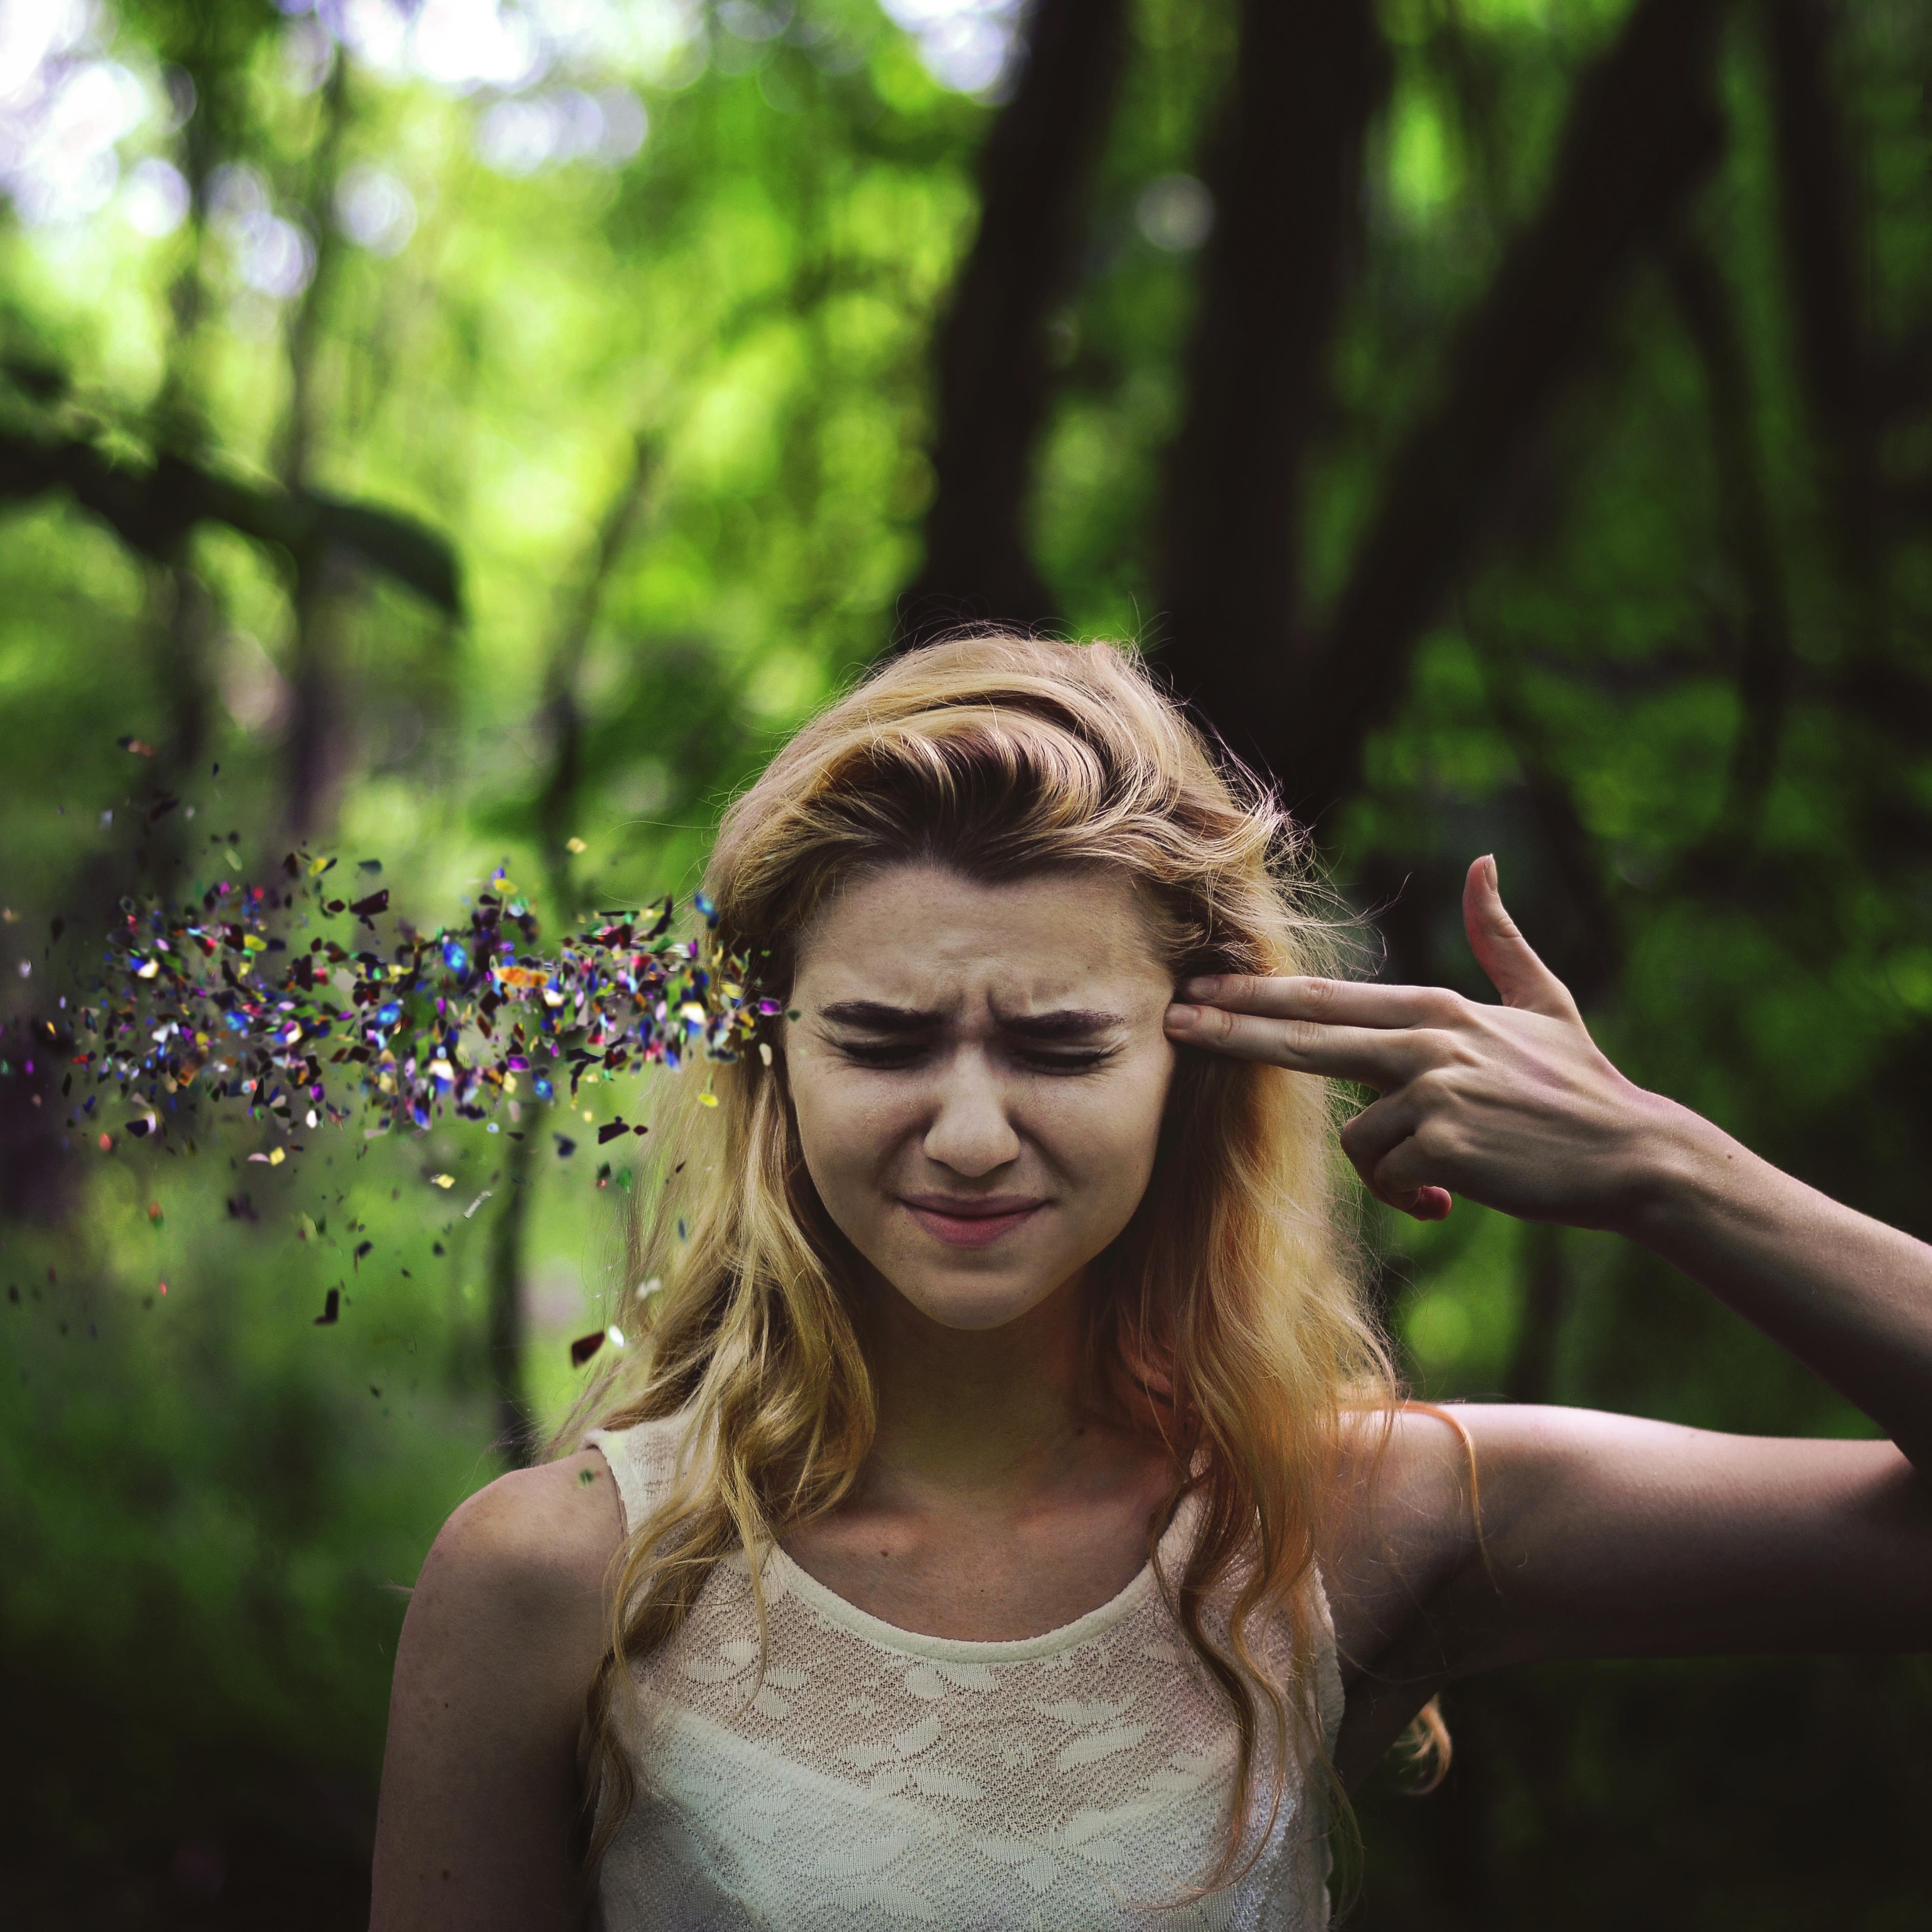 Креативные фотосессии людей модельное агенство старый крымоспаривается